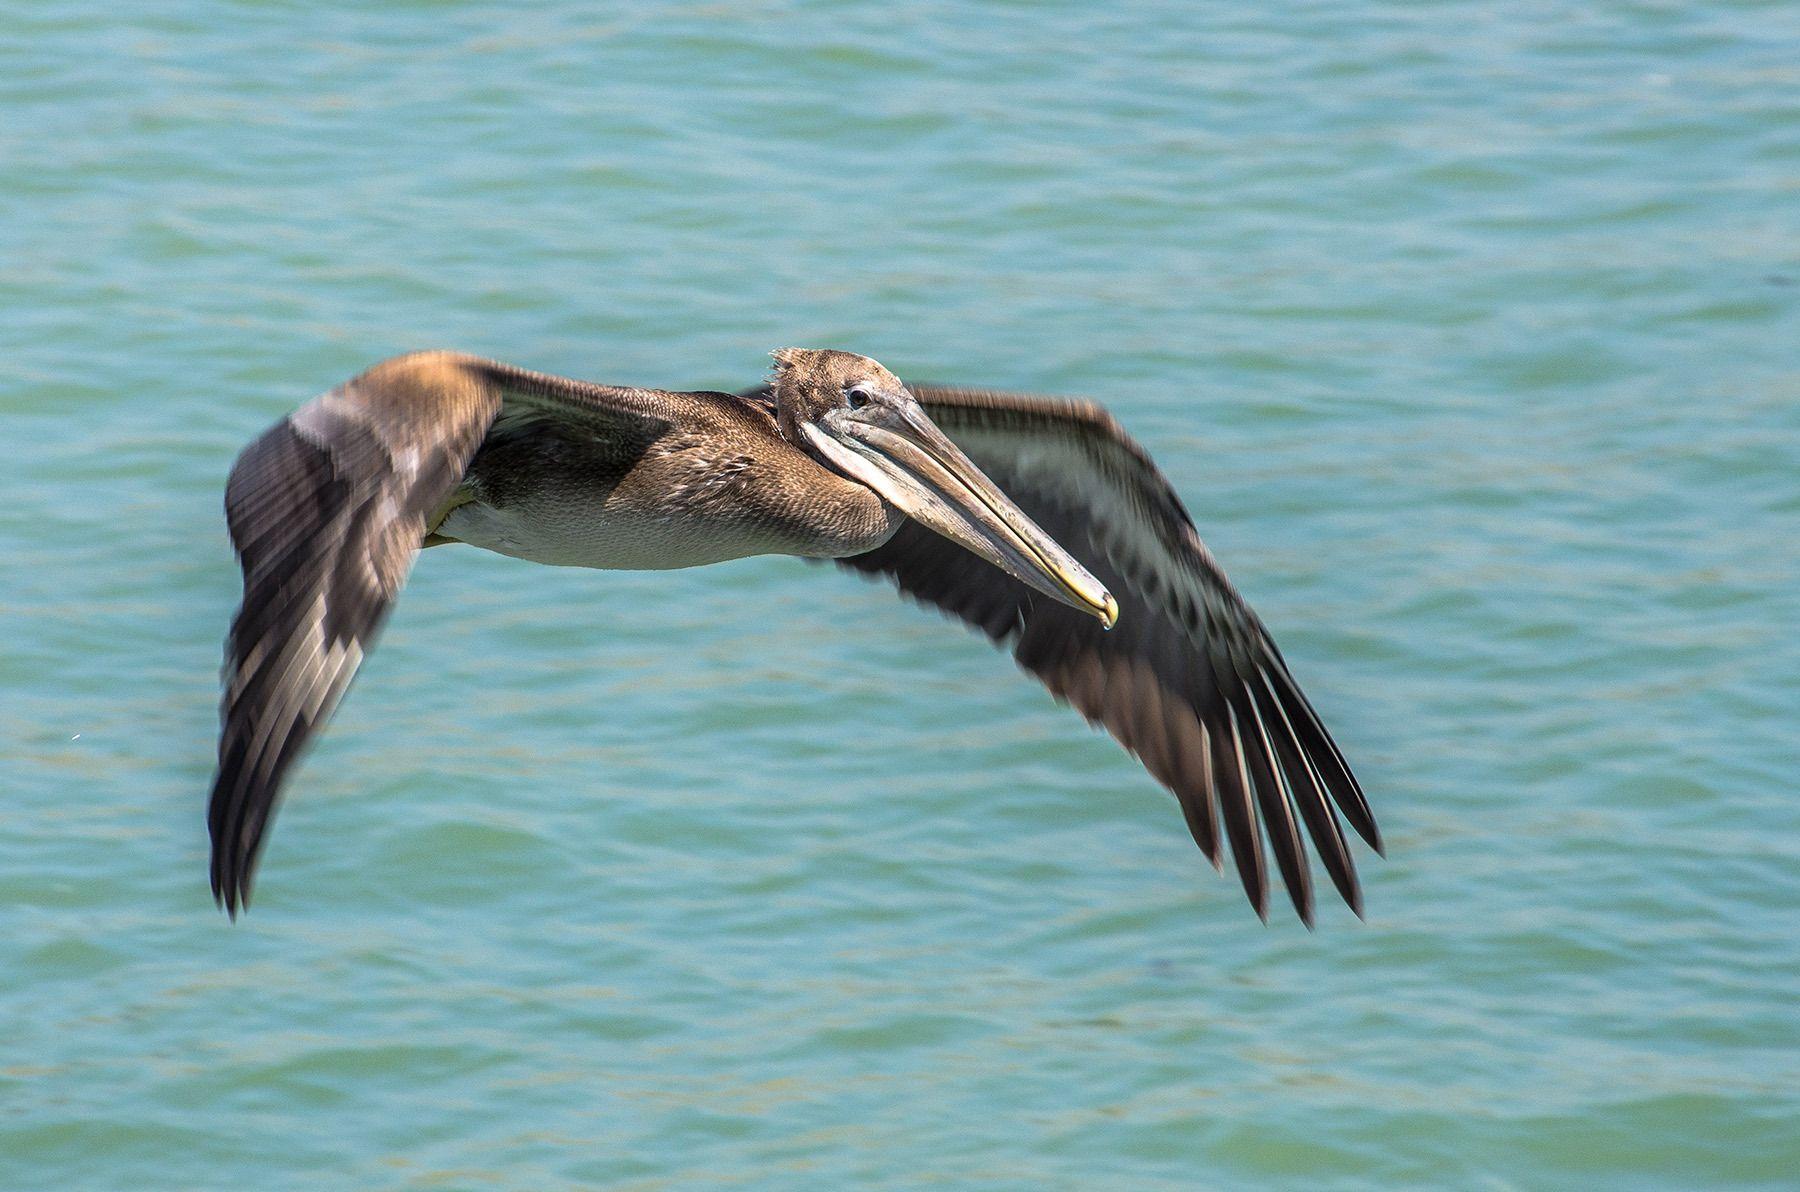 Pelican in Flight, Santa Cruz Coastline, California